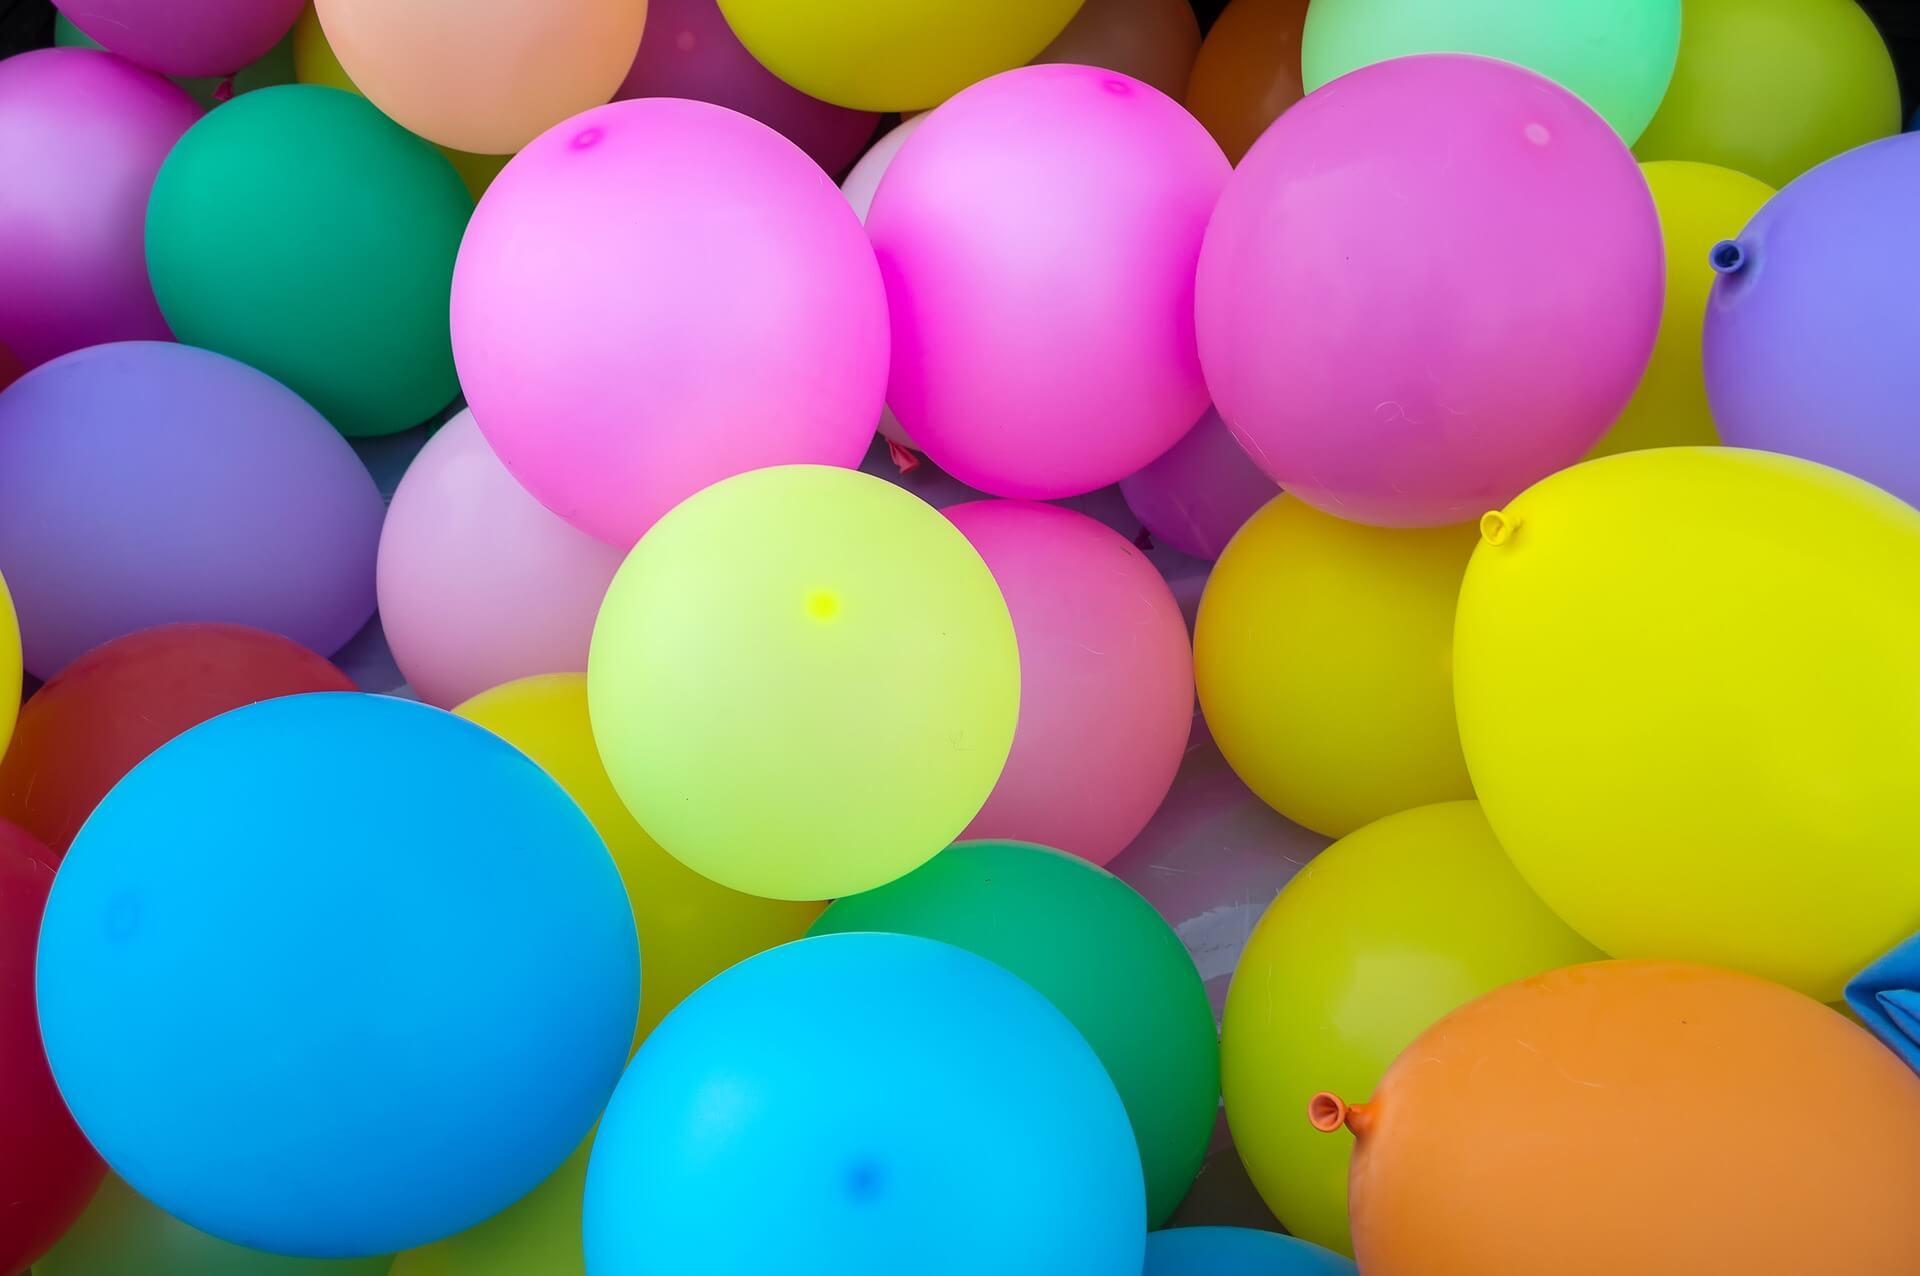 Mnostwo-kolorowych-balonow-urodzinowych